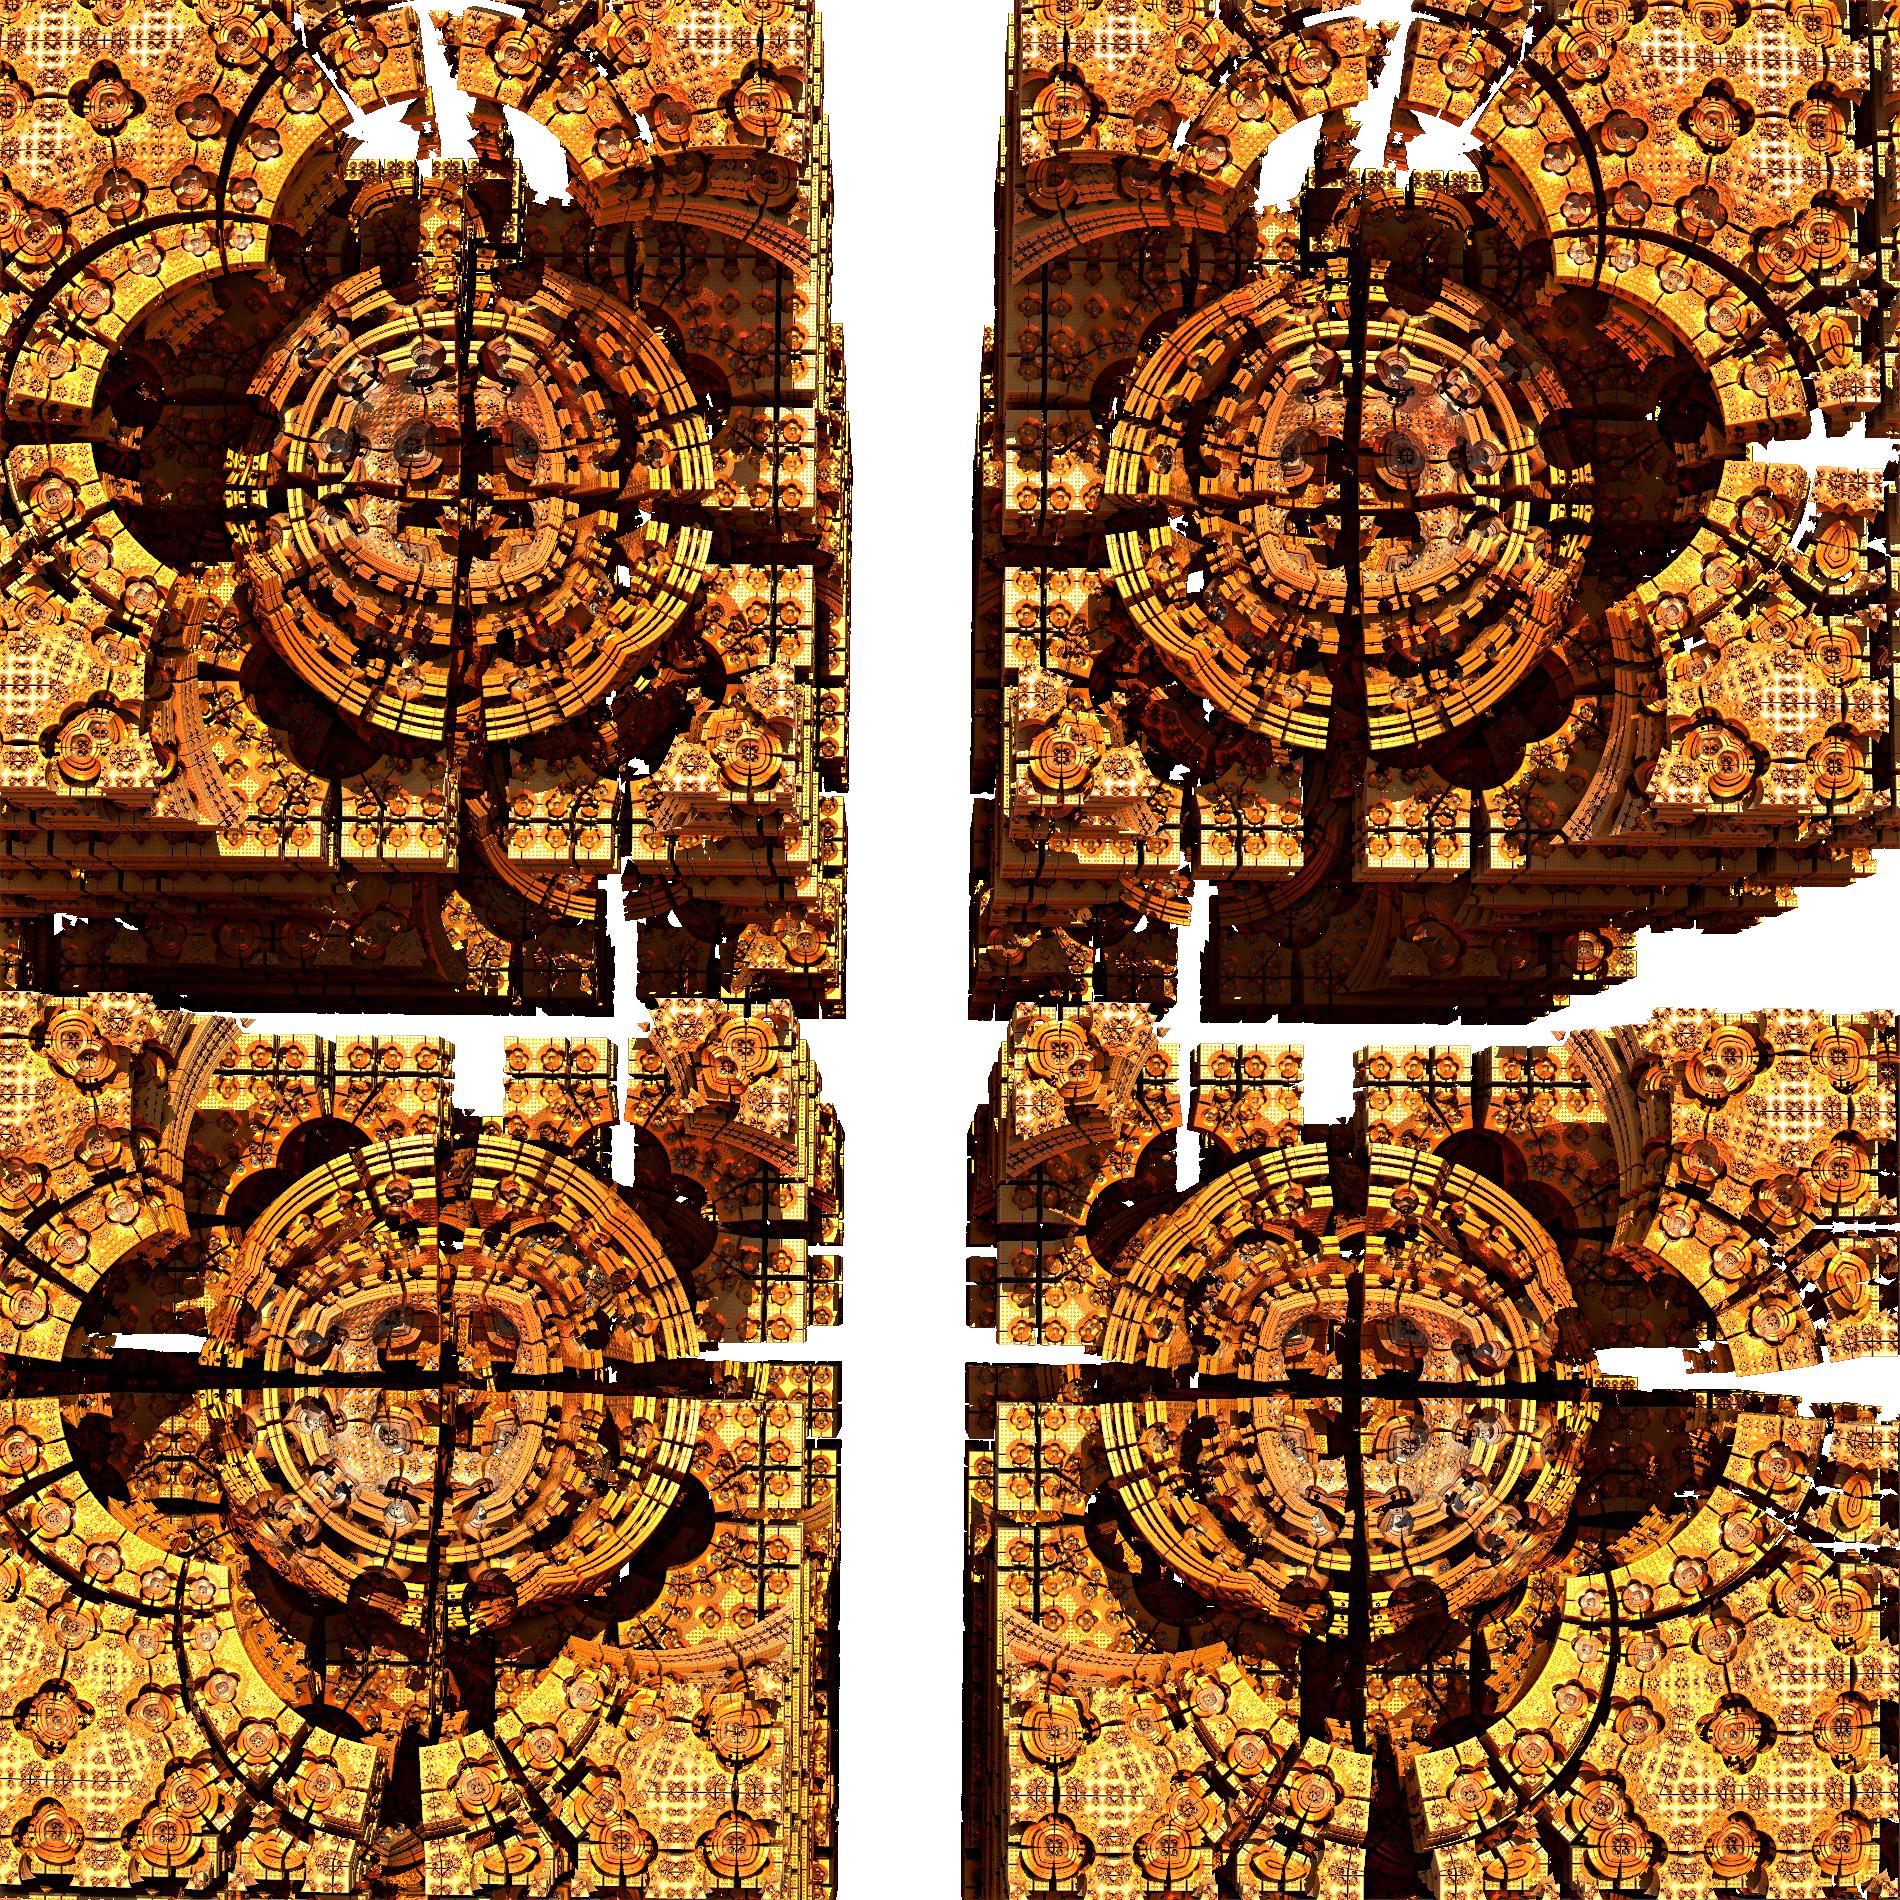 ゴールドダイヤモンド&光り輝くマシン:リアル